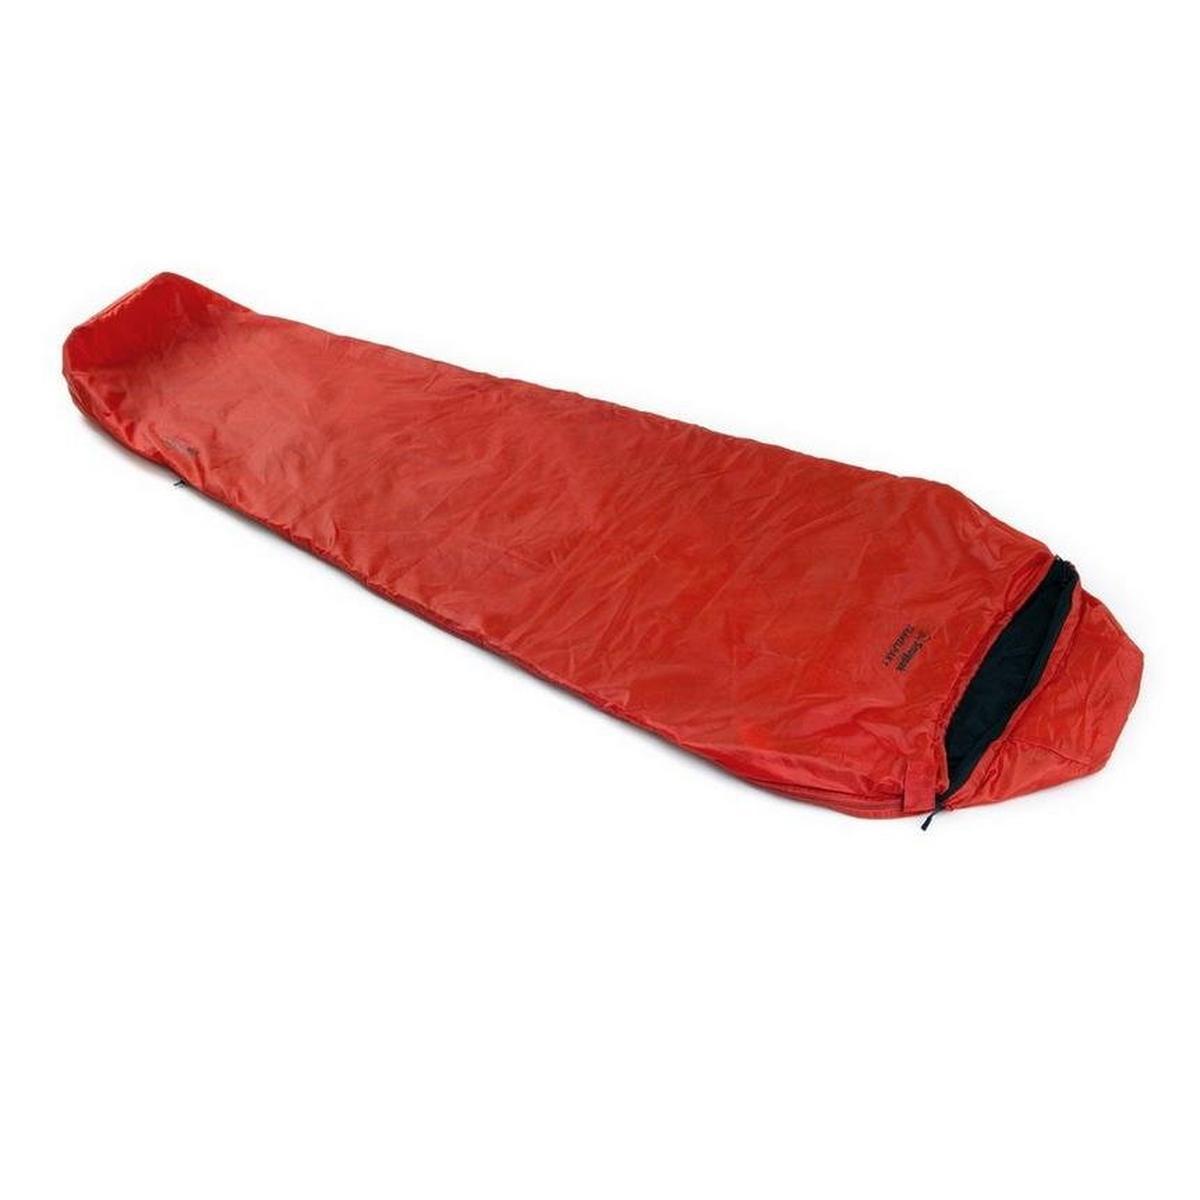 Snugpak Travelpak 1 - Red